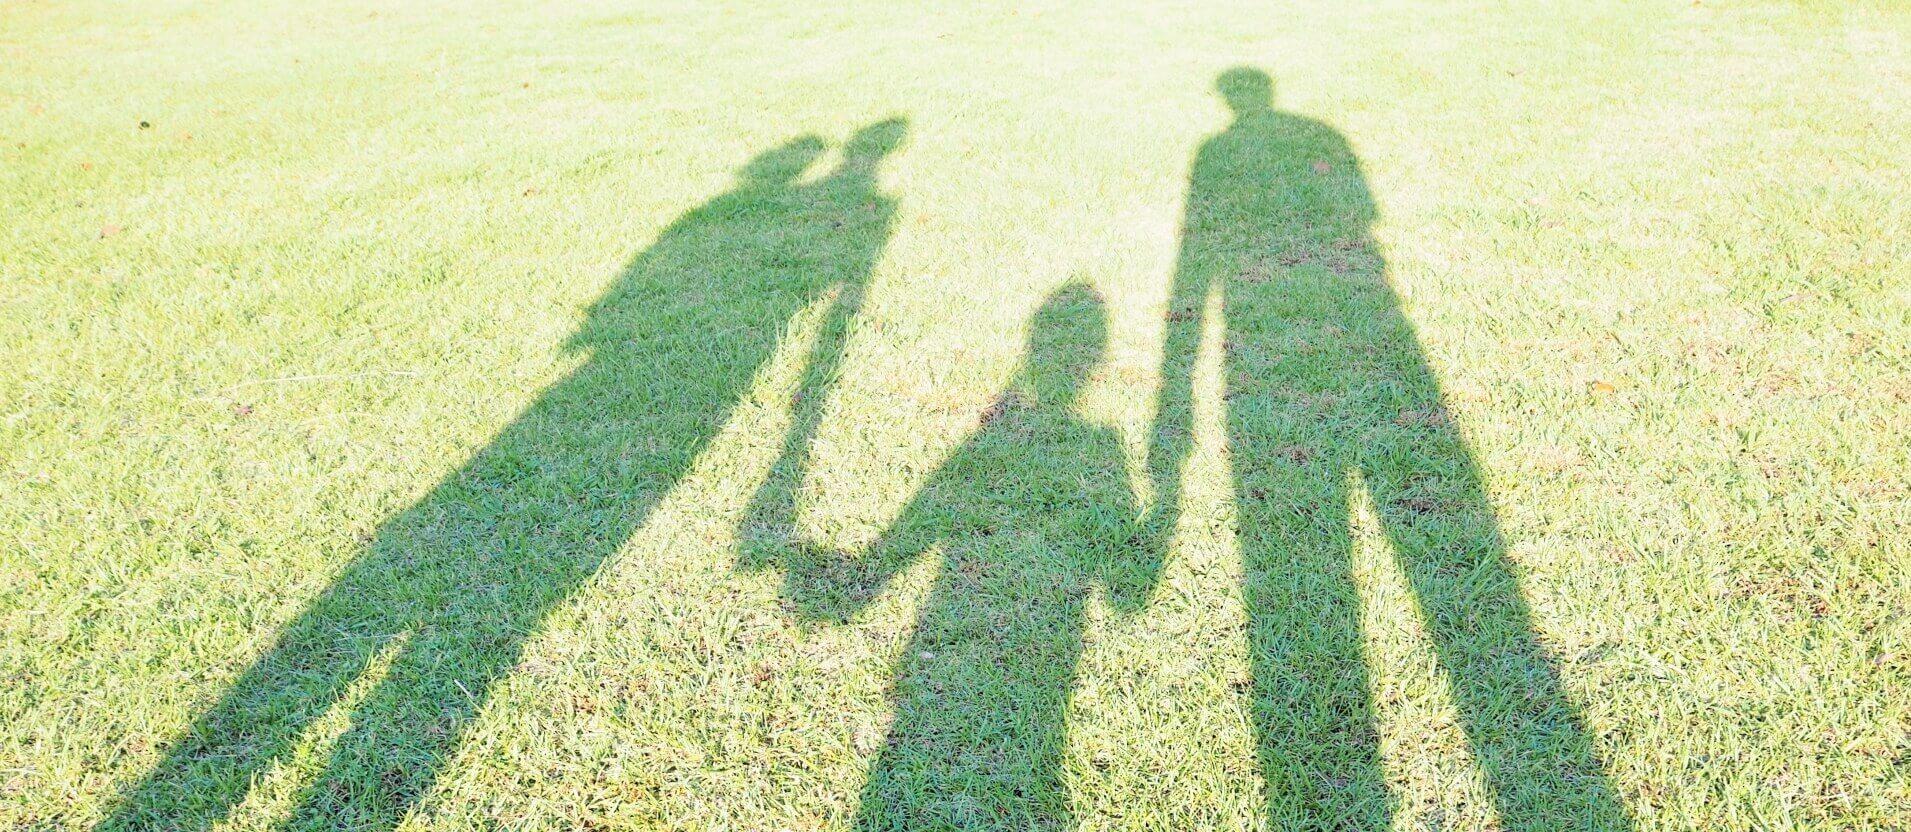 手を繋ぐ親子の影